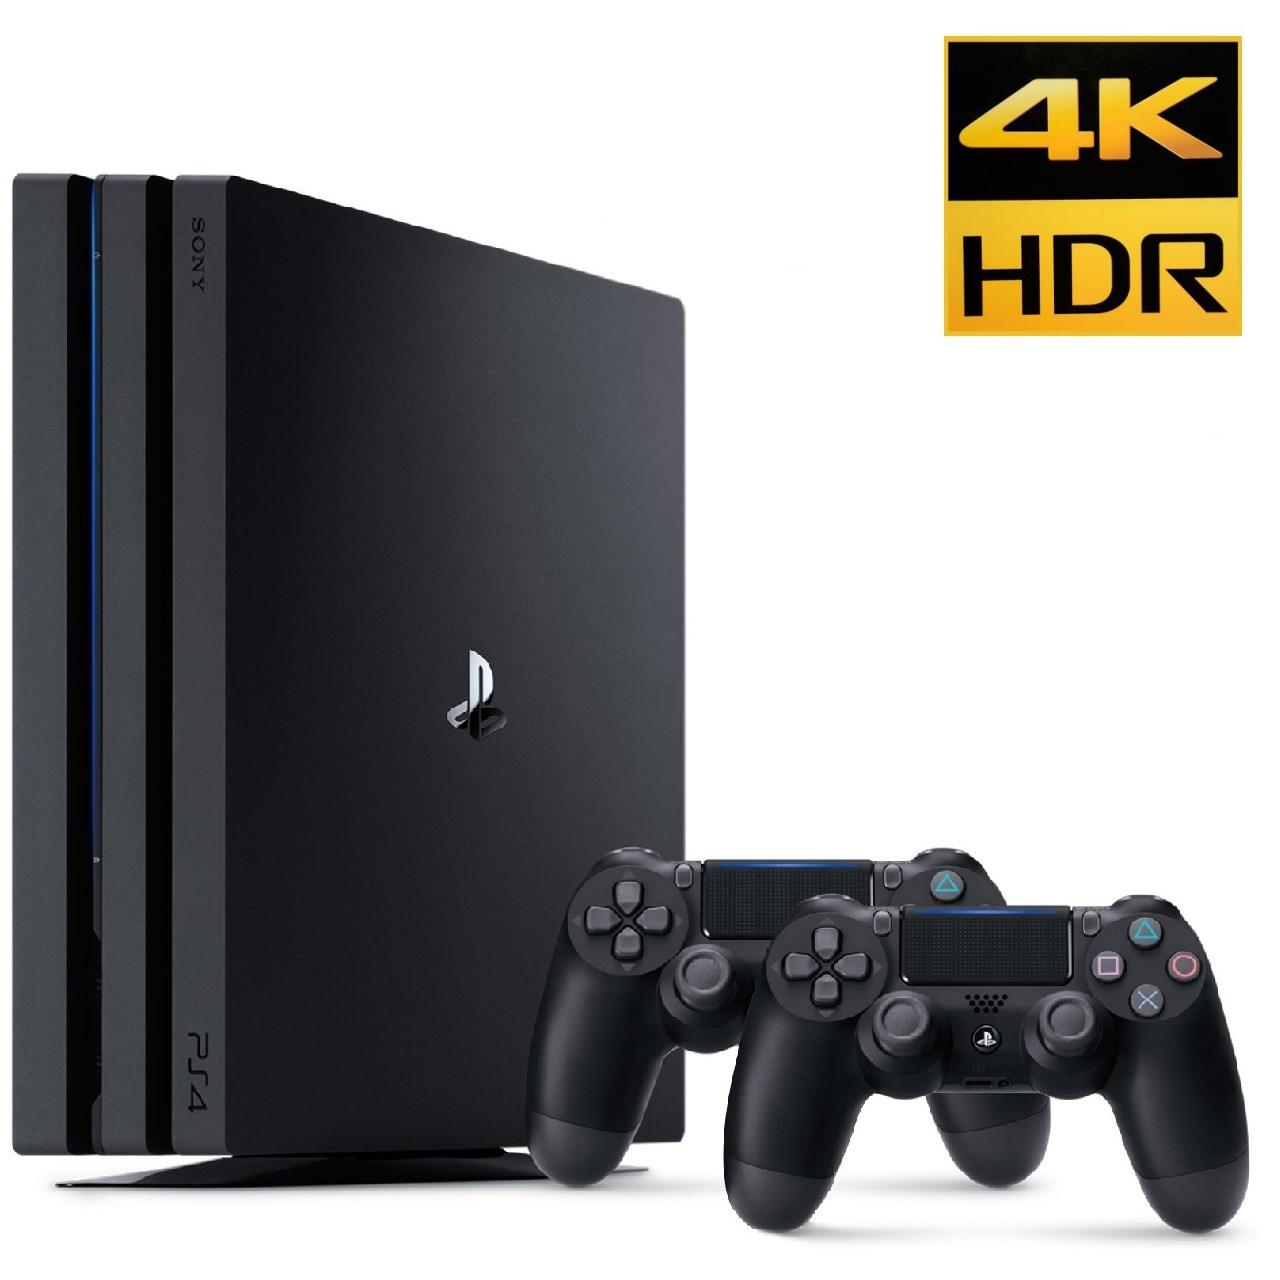 خرید کنسول بازی سونی مدل  Playstation 4 Pro 2018 کد CUH-7216B Region 2 ظرفیت 1 ترابایت